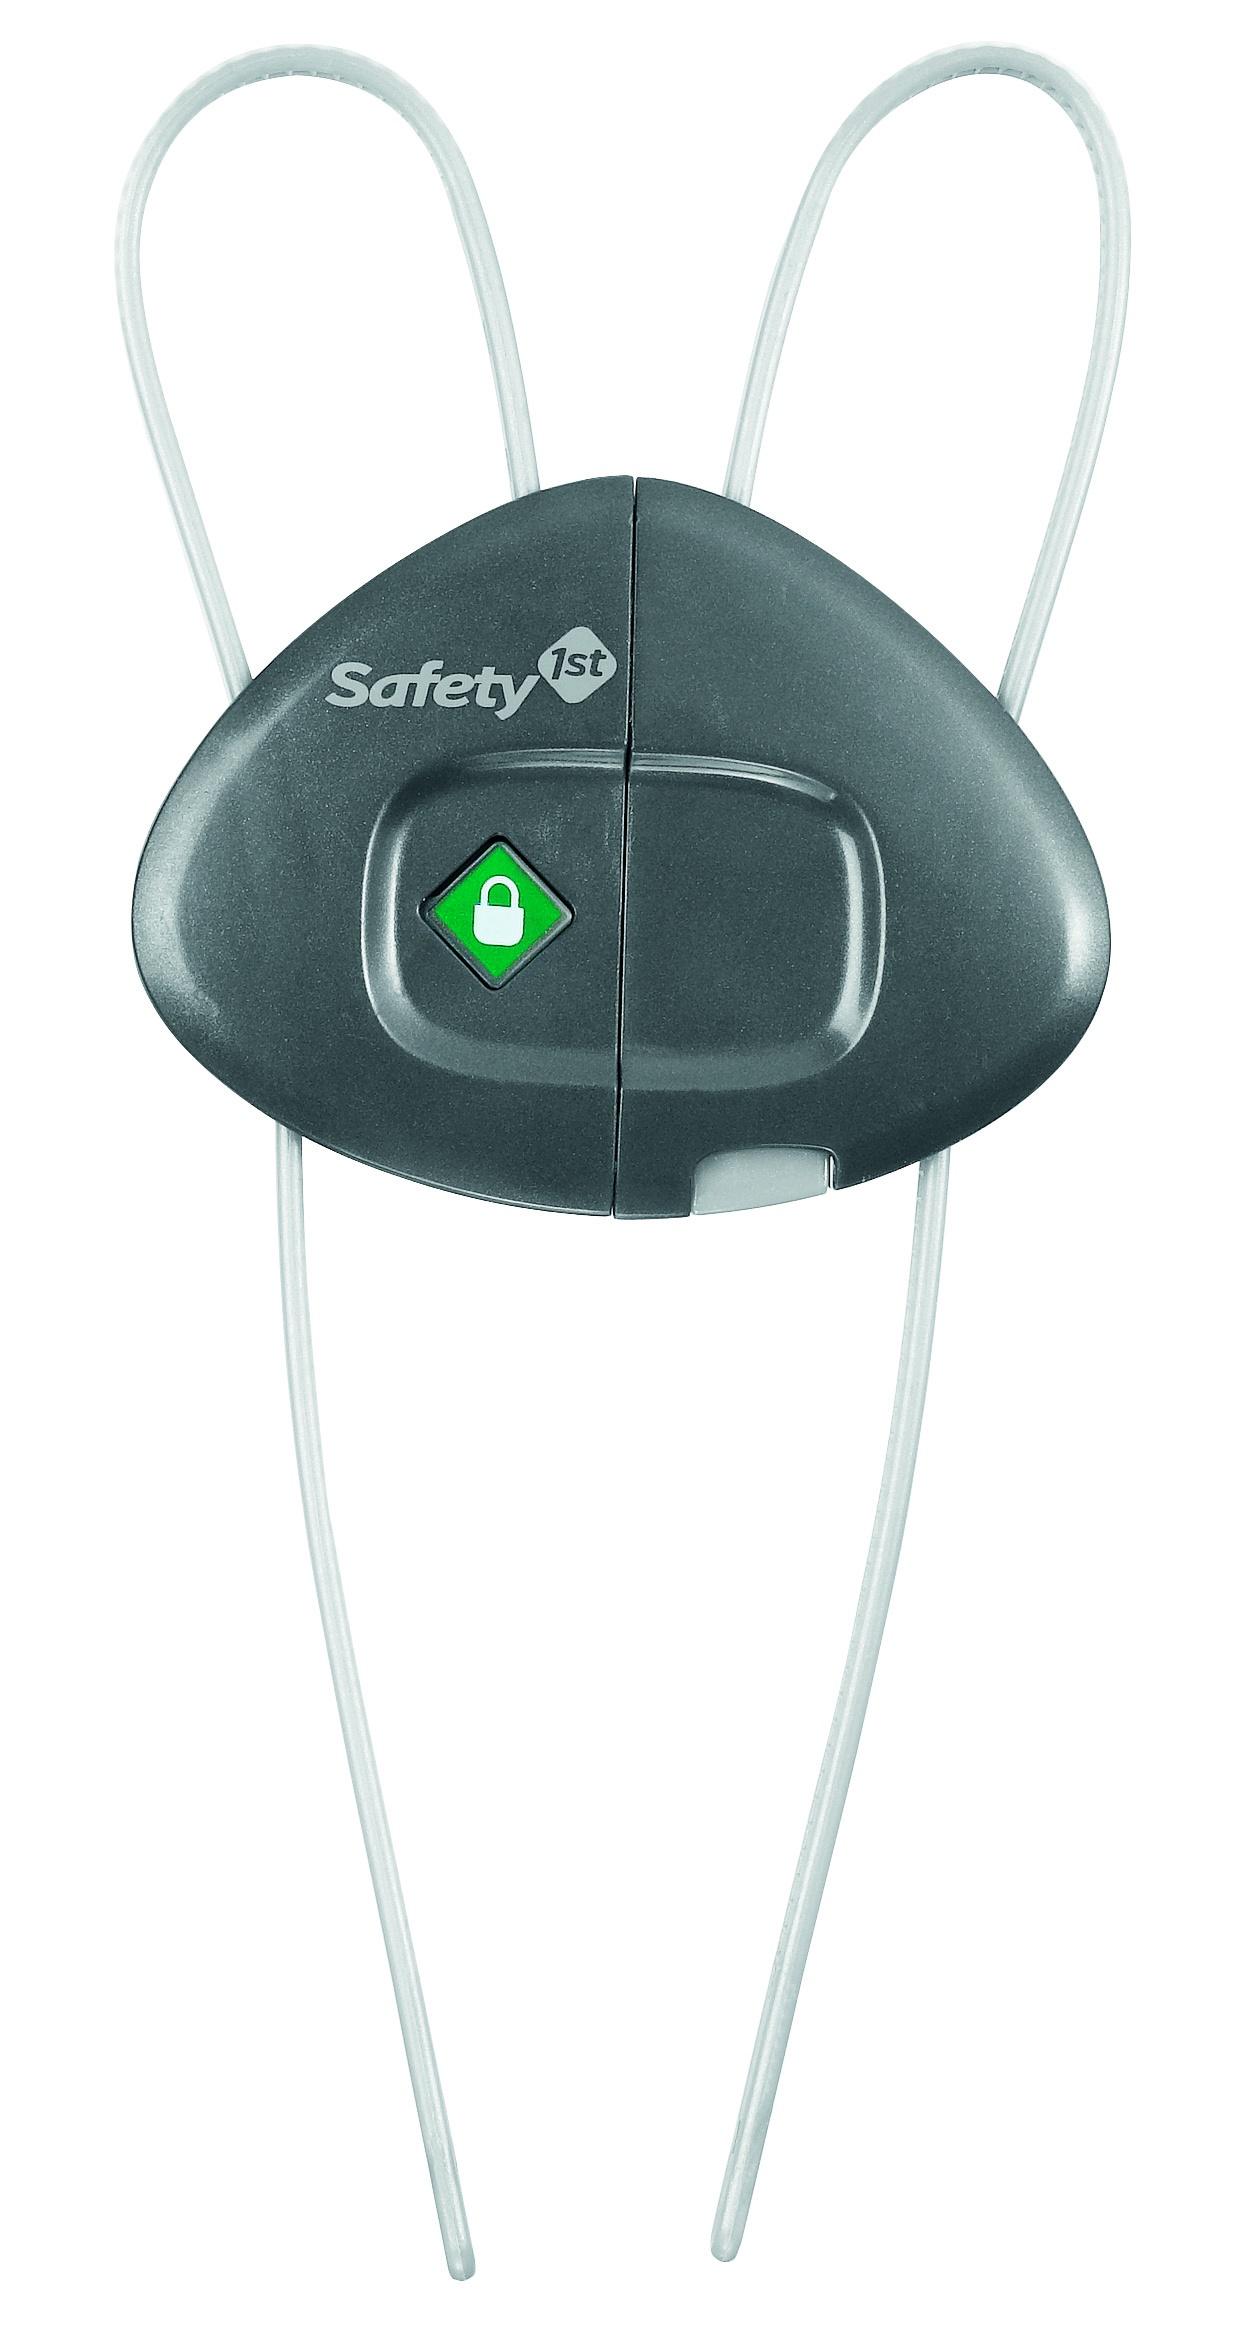 Блокиратор дверей/ящиков Safety 1st 1st, 33110038, Полипропилен